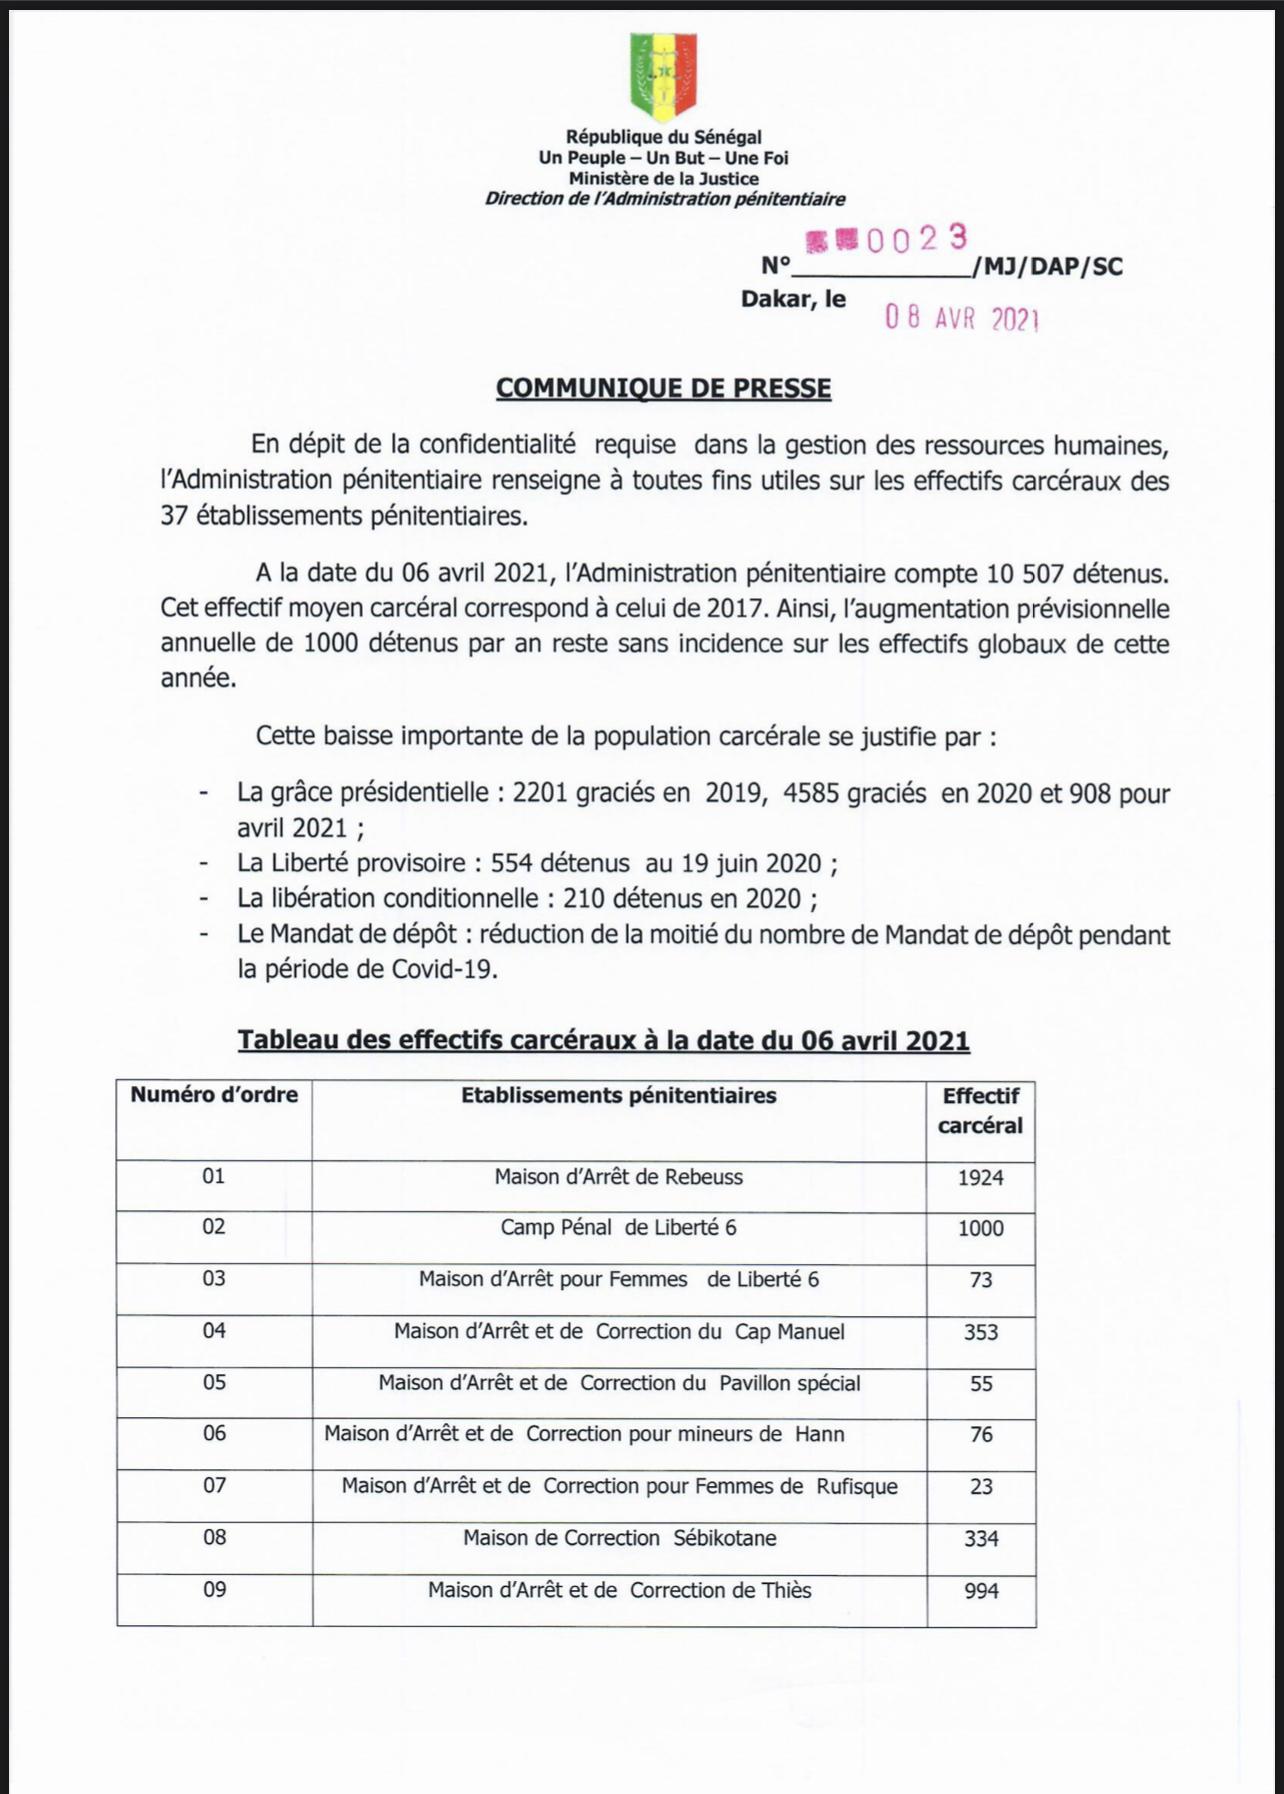 Sénégal : on dénombre 10.507 détenus à la date du 6 avril